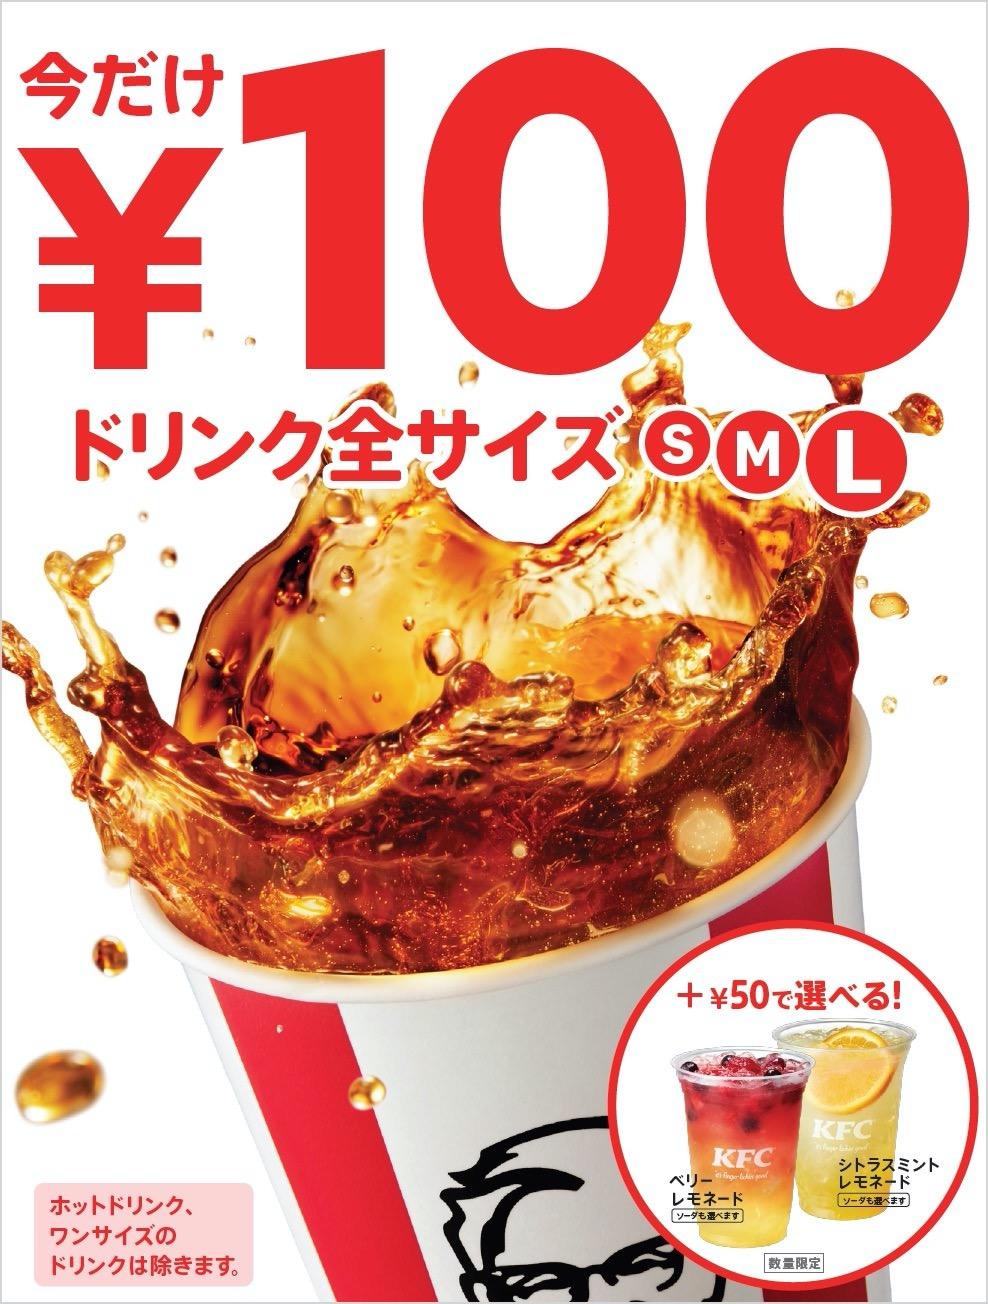 【KFC】「ドリンク全サイズ100円」キャンペーン開催中!+50円でフレーバーレモネードも(9/29まで)